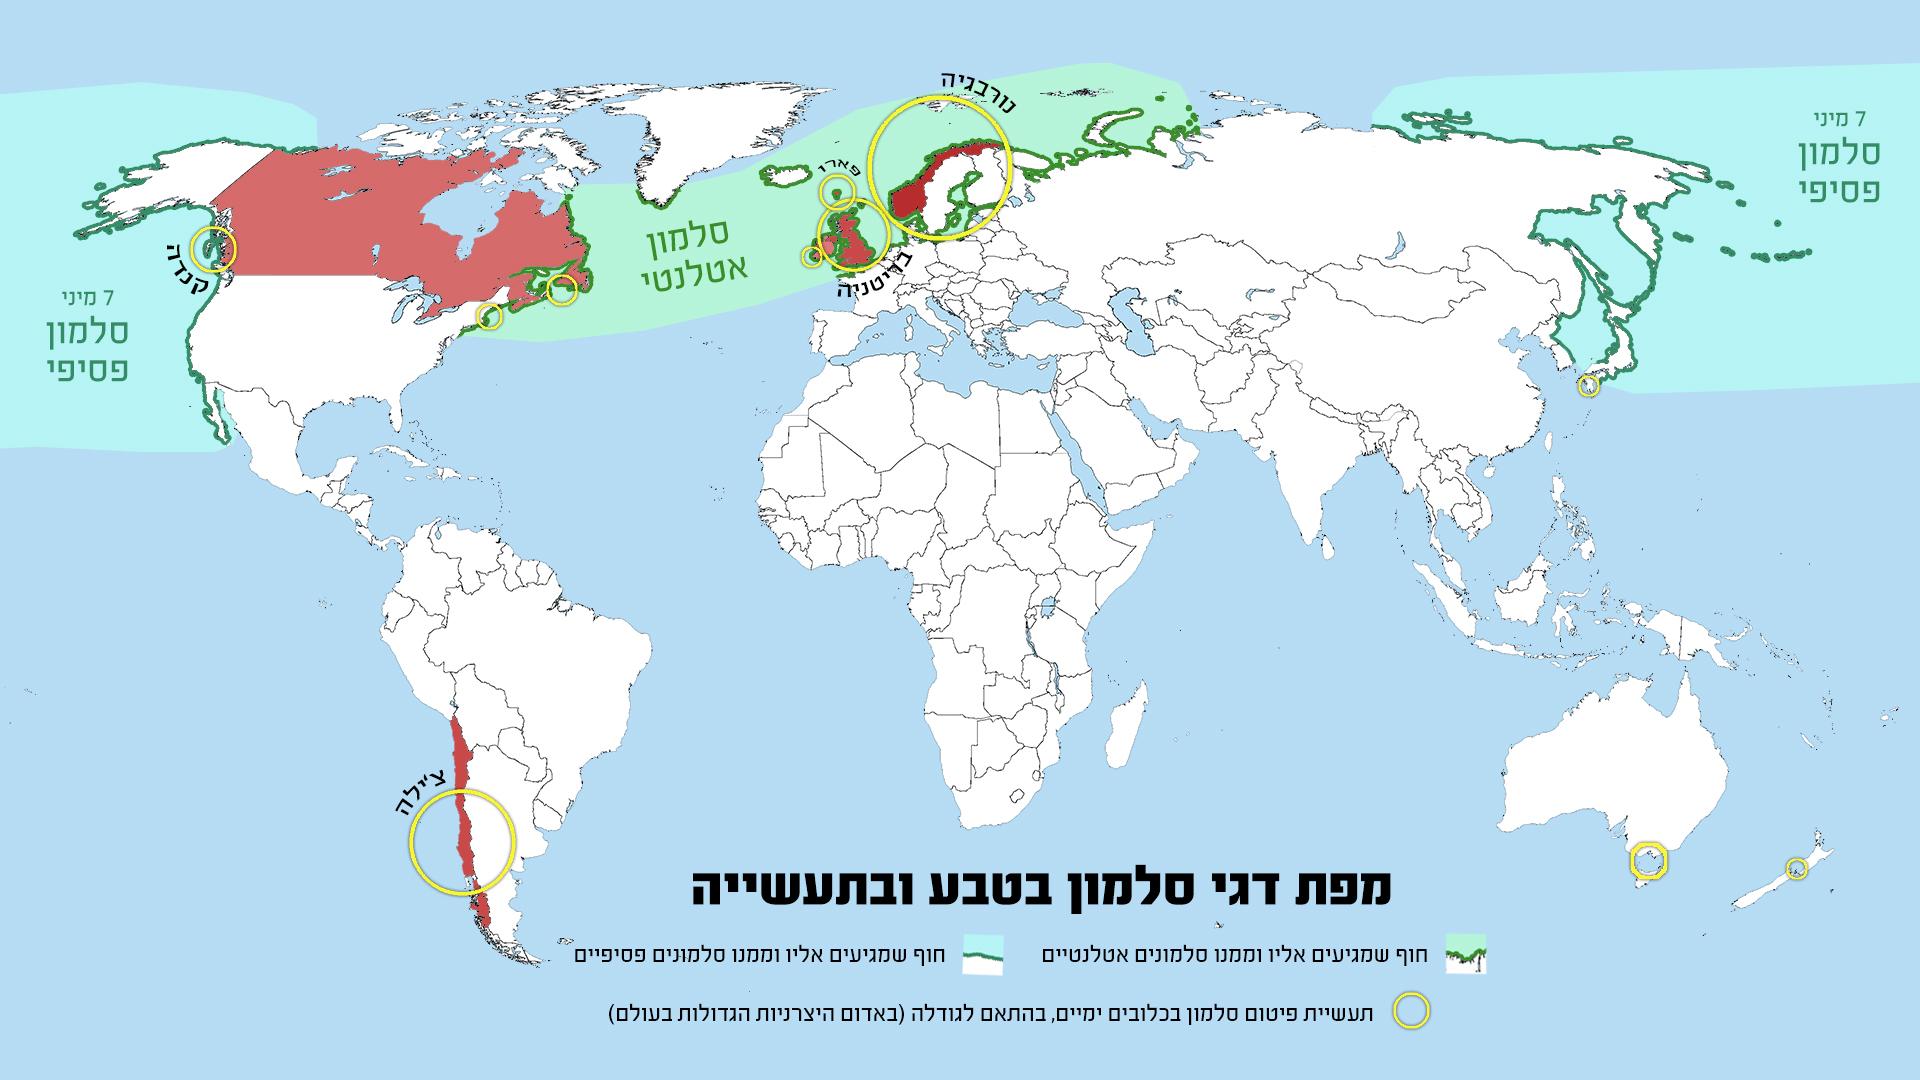 מפת דגי סלמון בטבע ובתעשייה 1